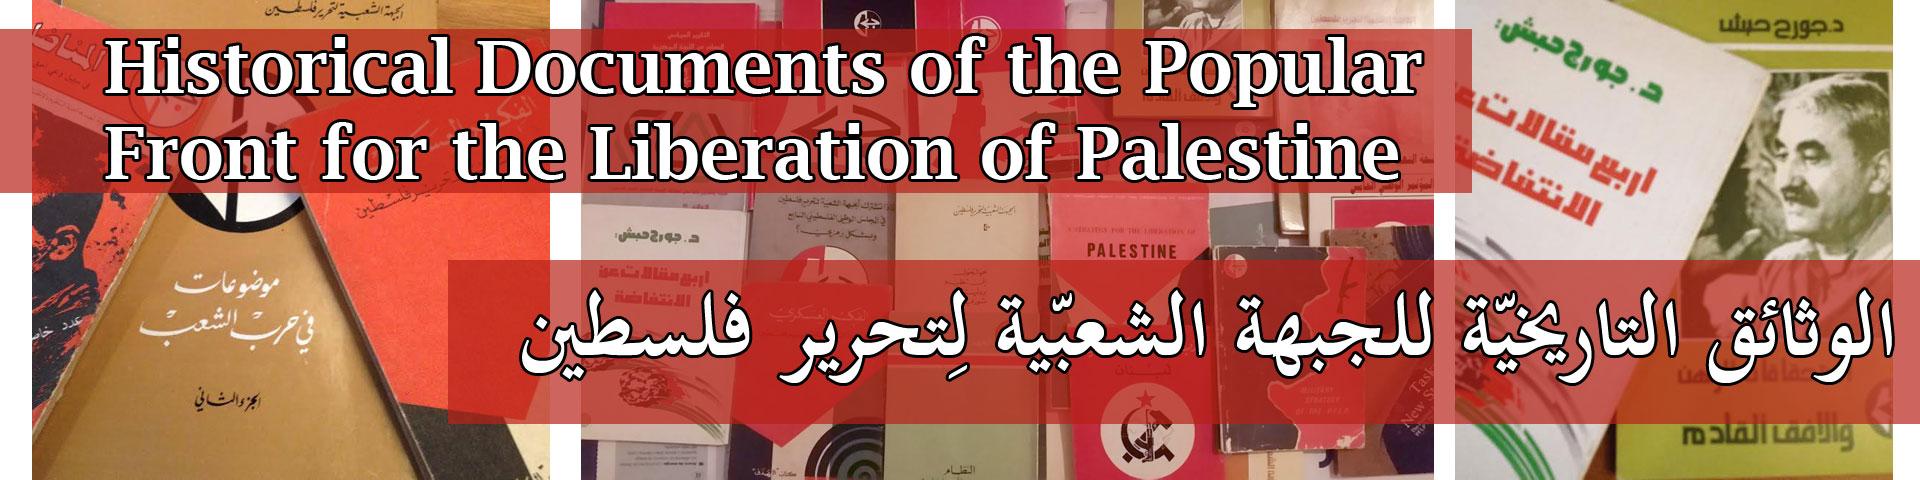 الوثائق التاريخية للجبهة الشعبية لتحرير فلسطين